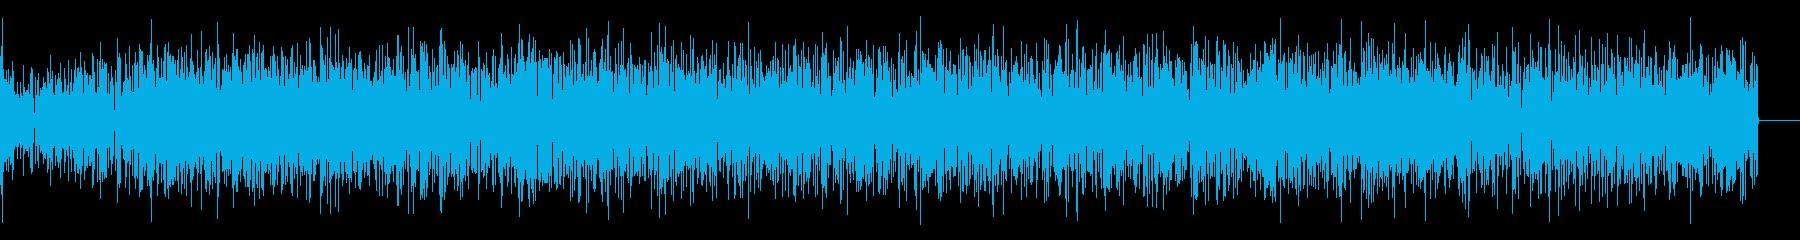 地震や地割れ発生時に使える効果音の再生済みの波形